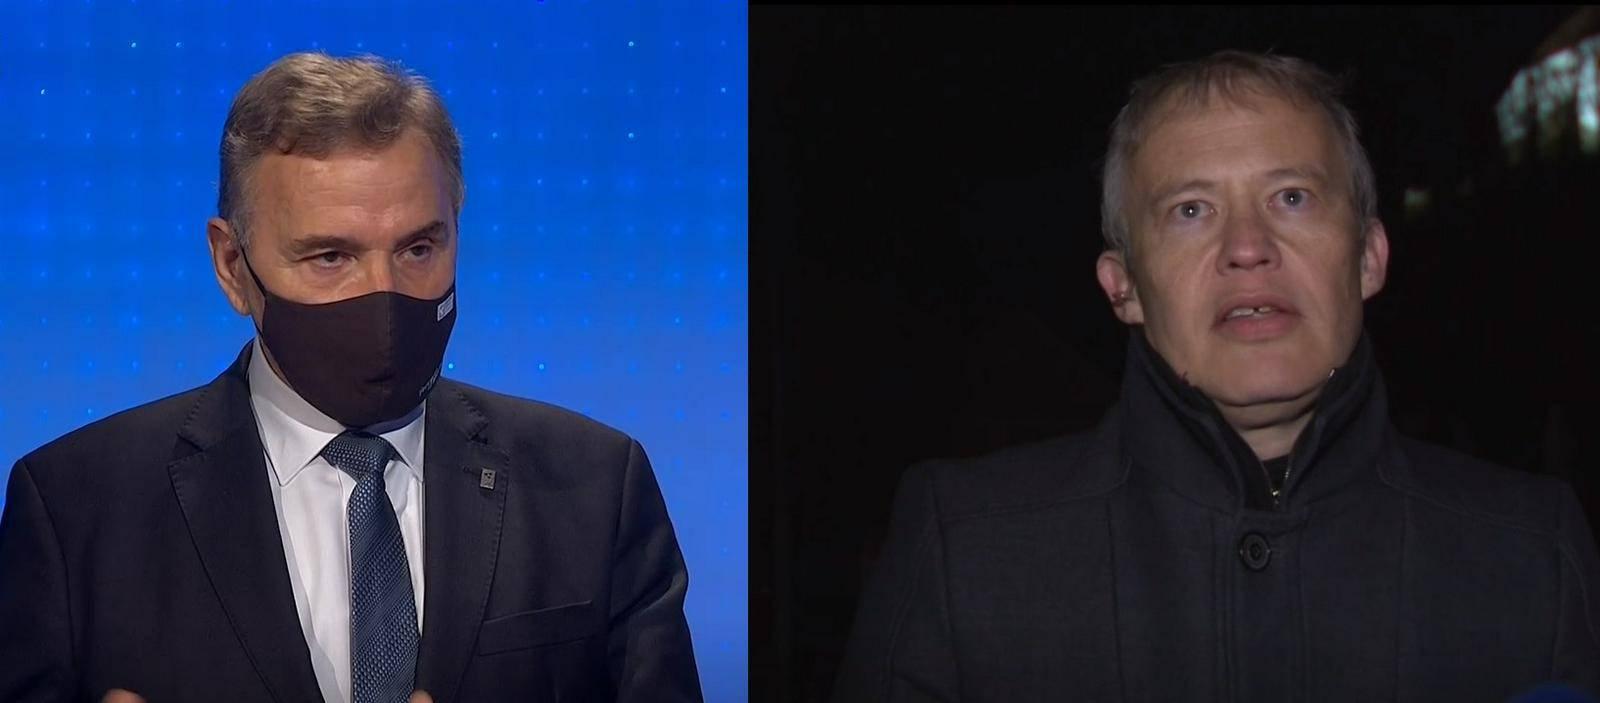 V Odmevih sta bila gosta Branko Meh in Matej Lahovnik. Foto: TV Slovenija, zajem zaslona